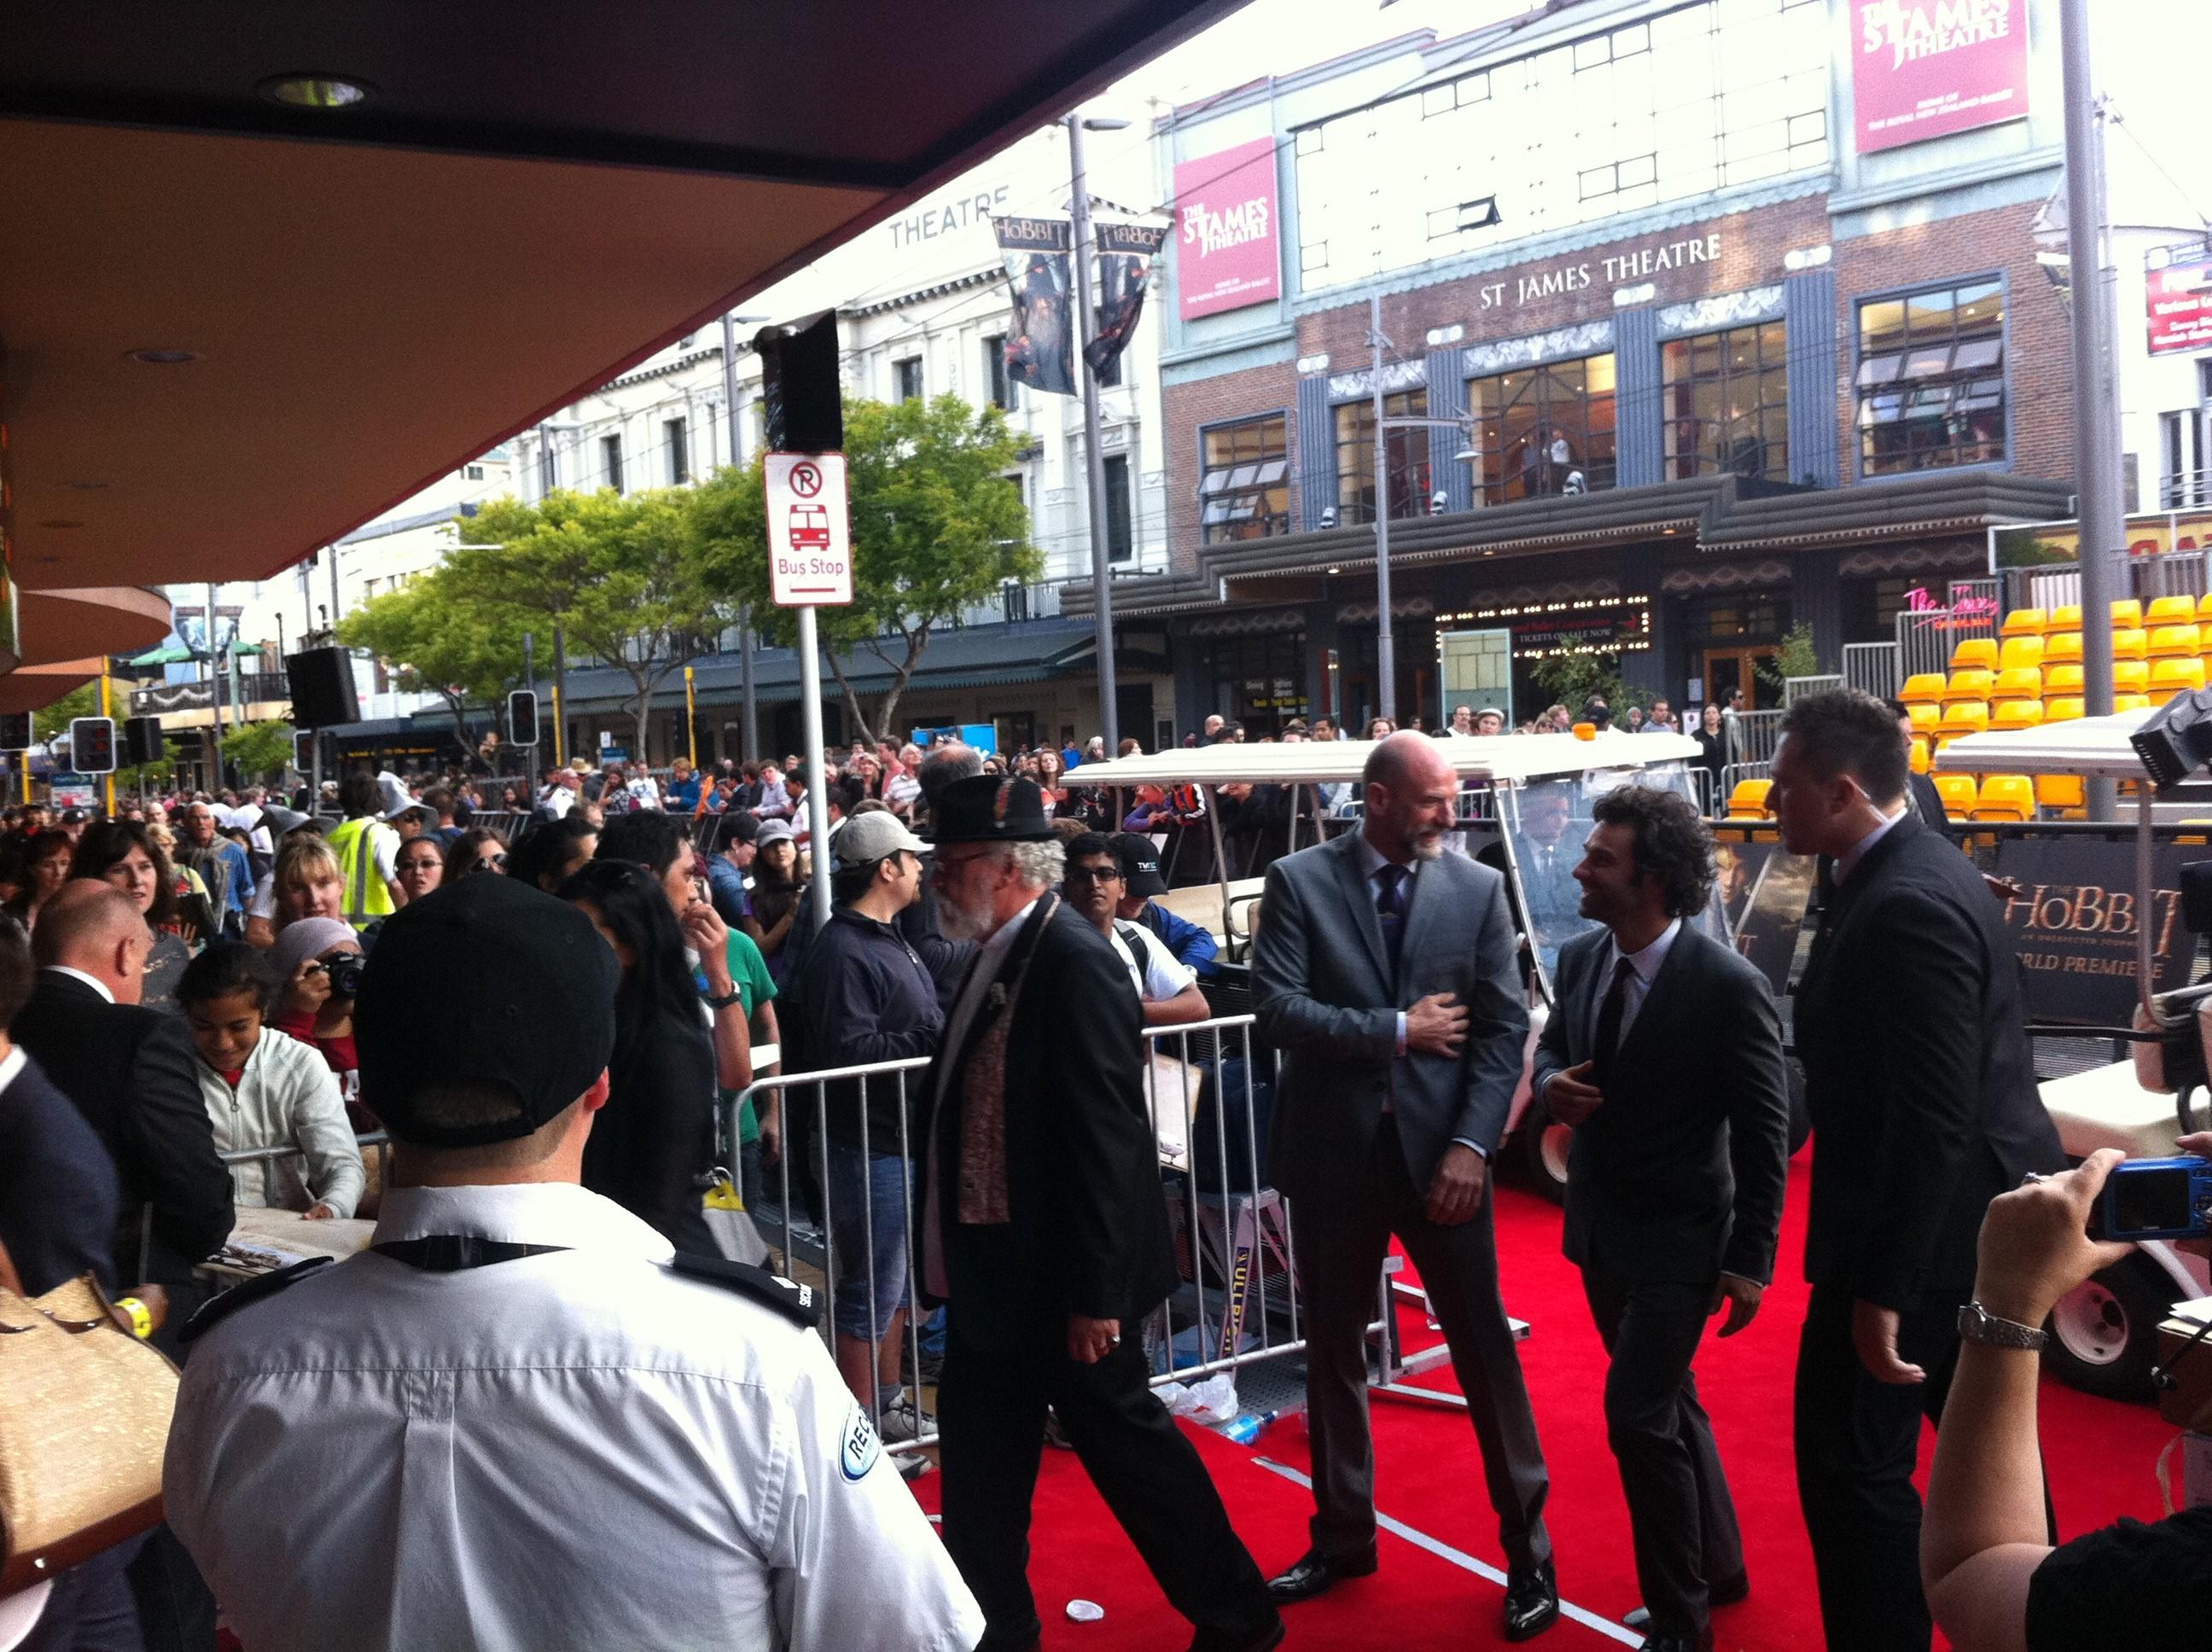 Hobbit: An Unexpected Journey World Premiere Wellington